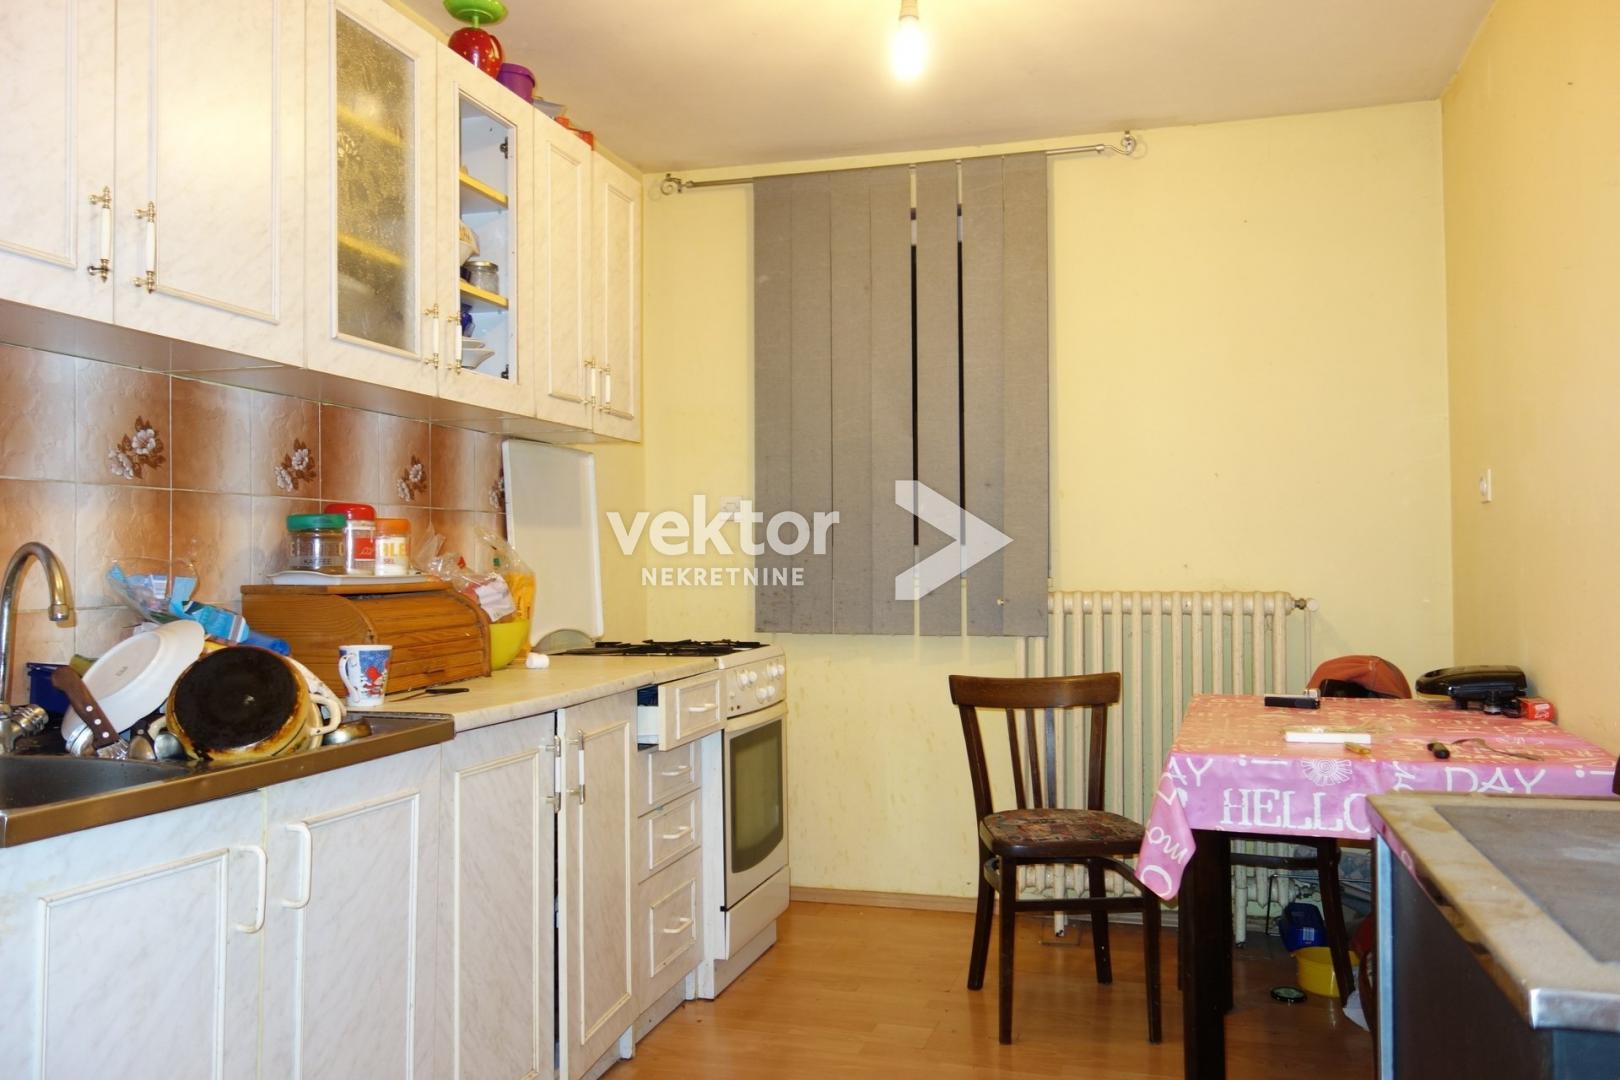 Flat Donja Drenova, Rijeka, 65,23m2